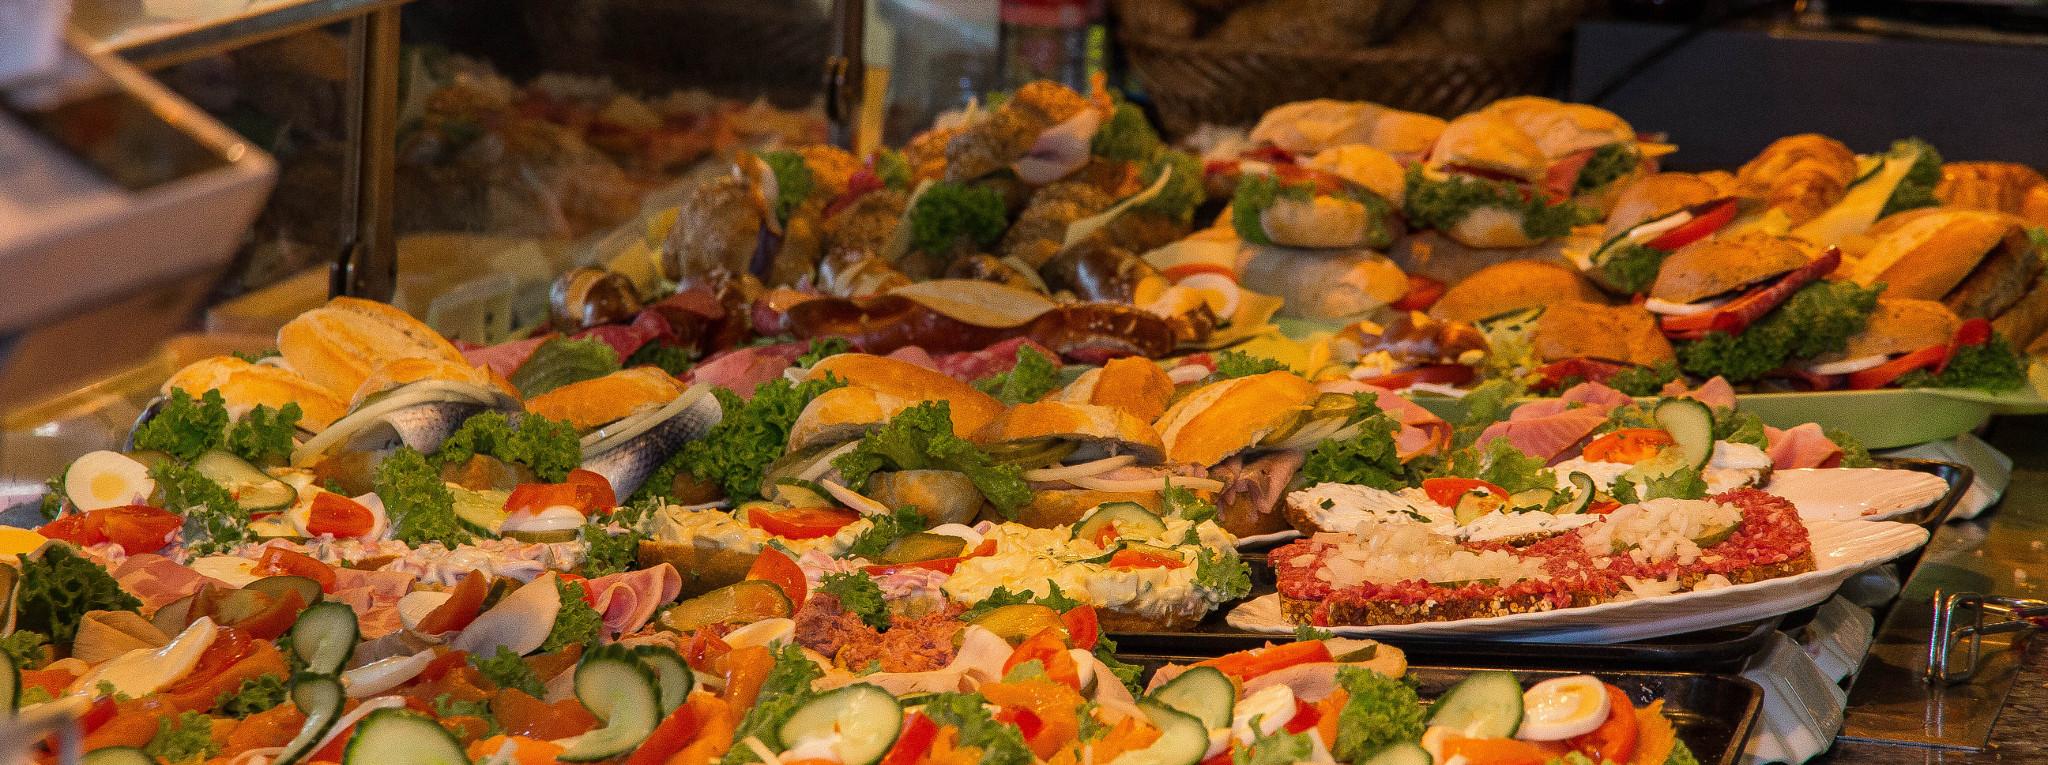 avus-treff-spinner-bruecke-catering